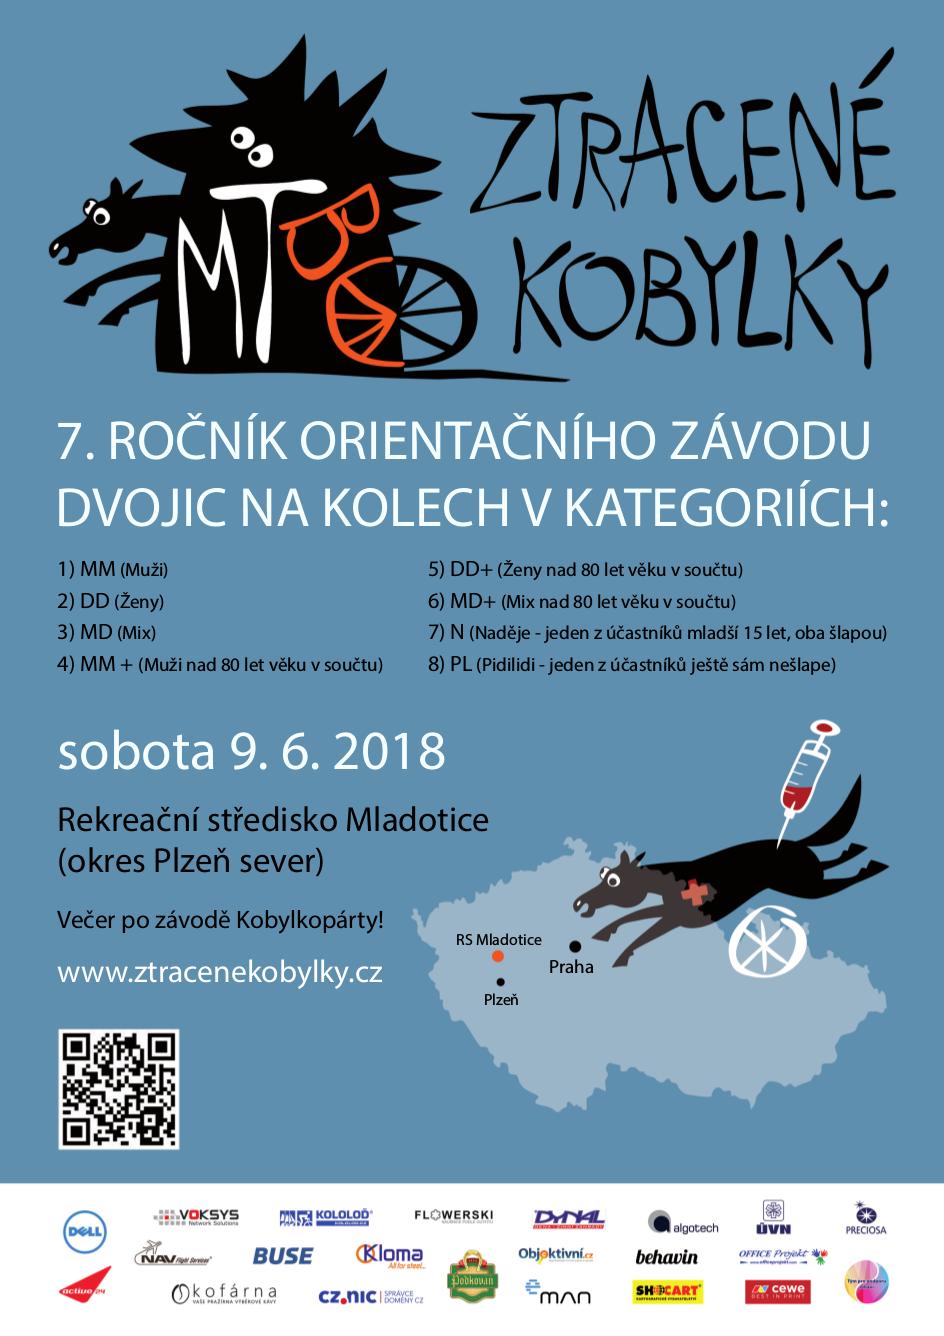 Plakát 7. ročníku MTBO Ztracené kobylky